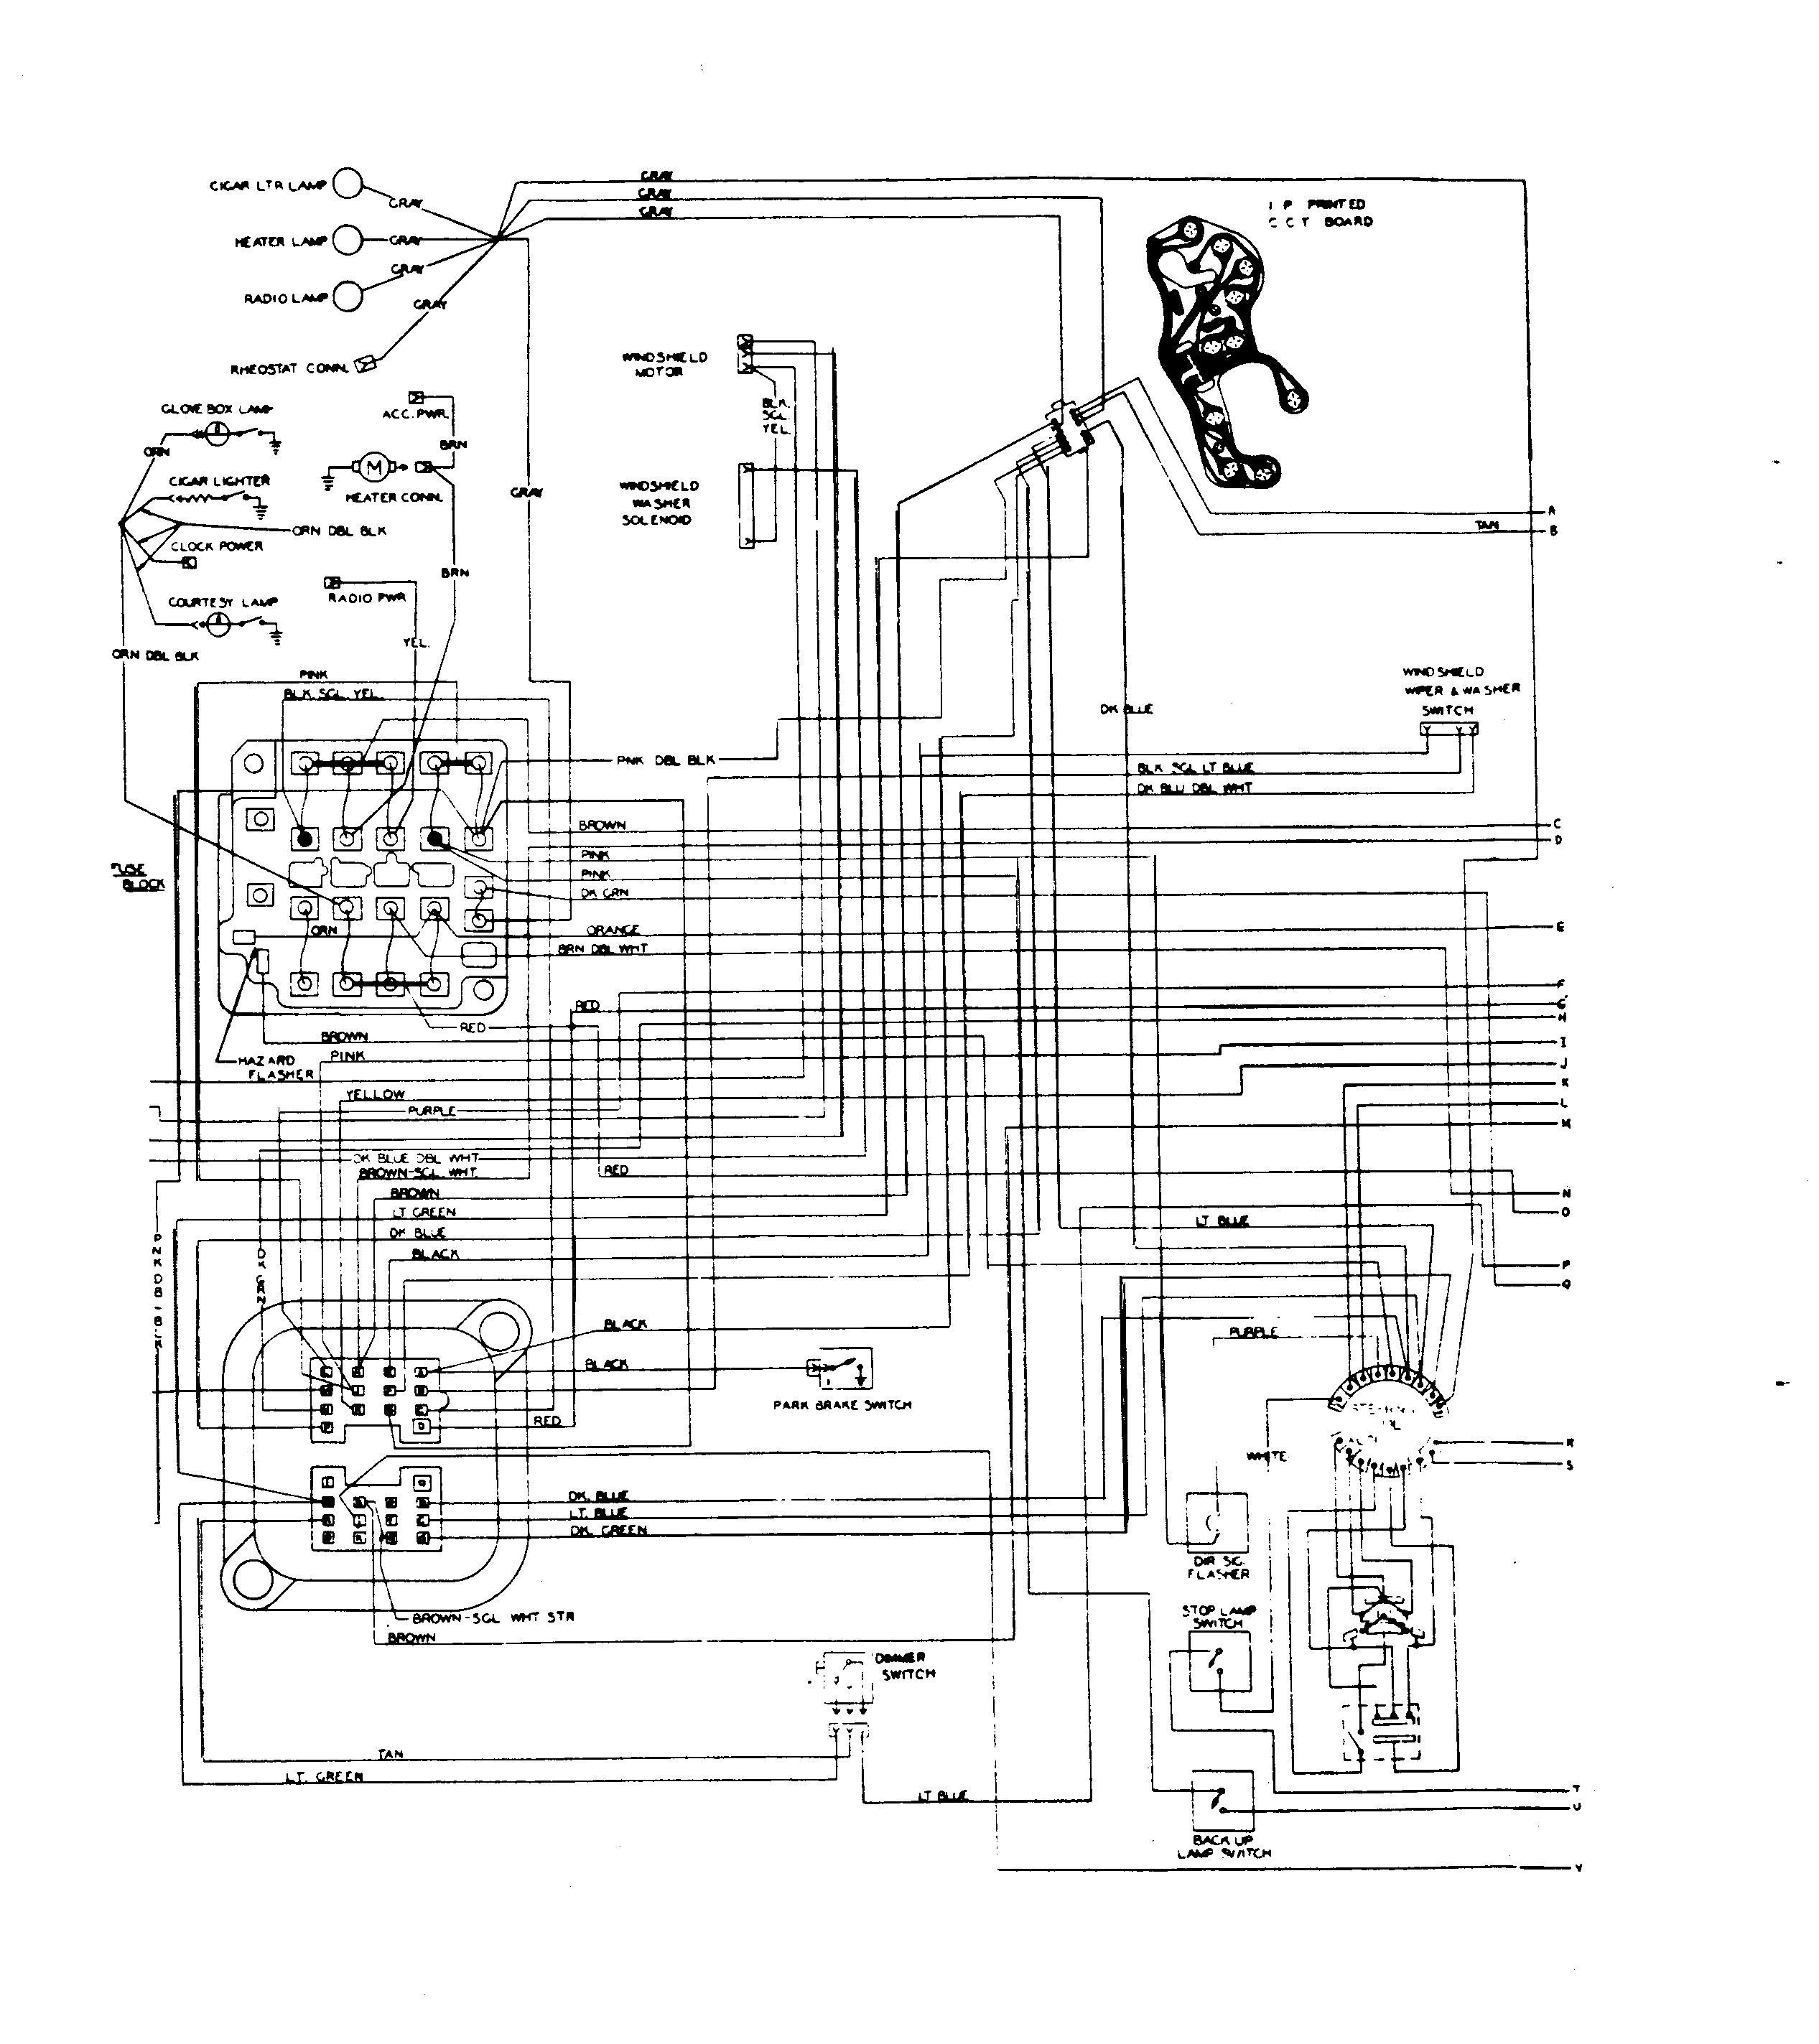 1967 firebird headlight wiring diagram solidfonts 1967 firebird headlight wiring diagram solidfonts